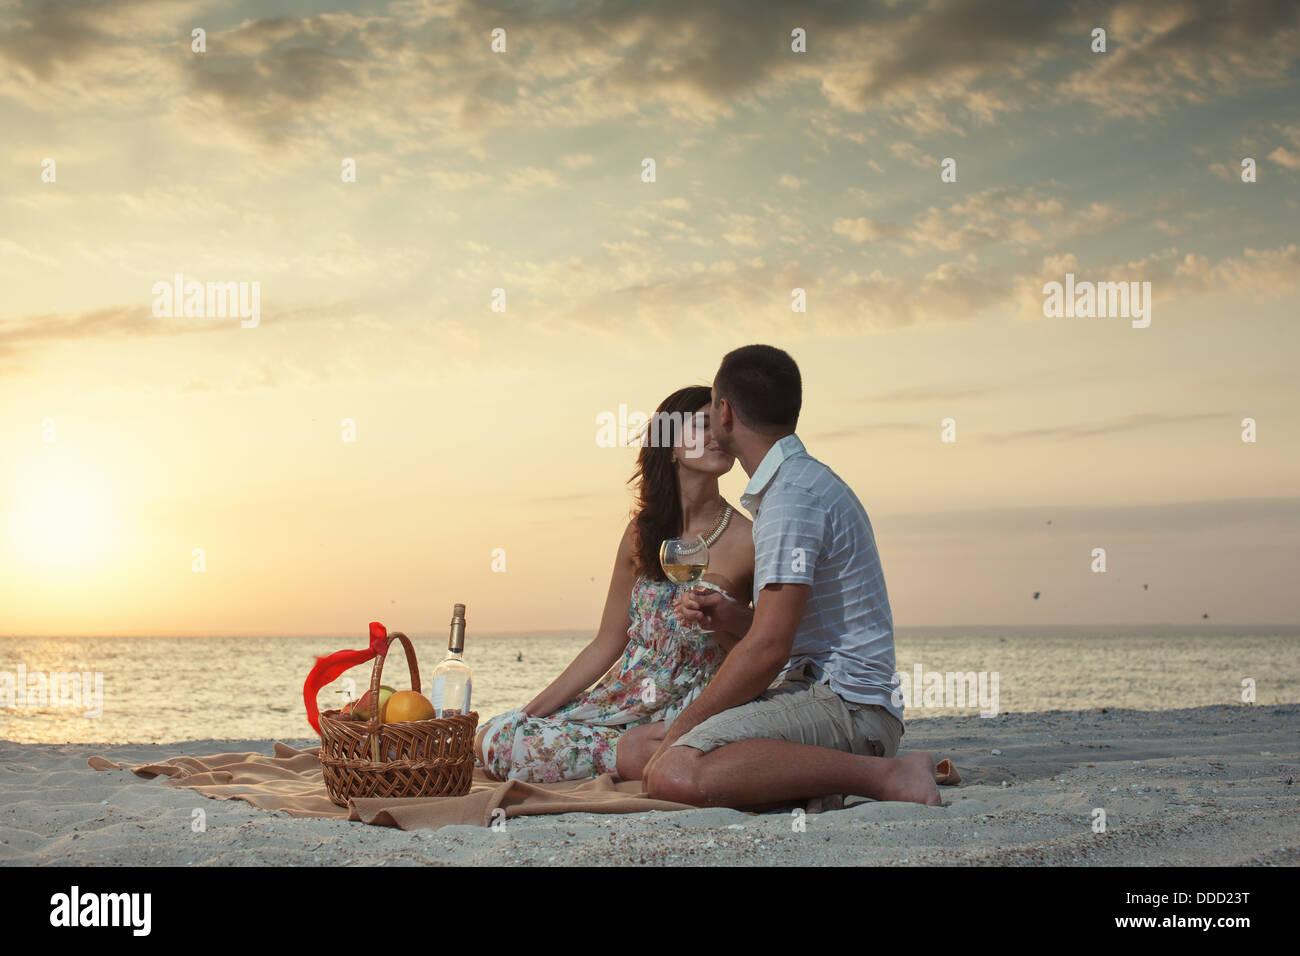 Coppia sulla spiaggia con vino di lusso Picnic durante il bellissimo tramonto. Alba Immagini Stock